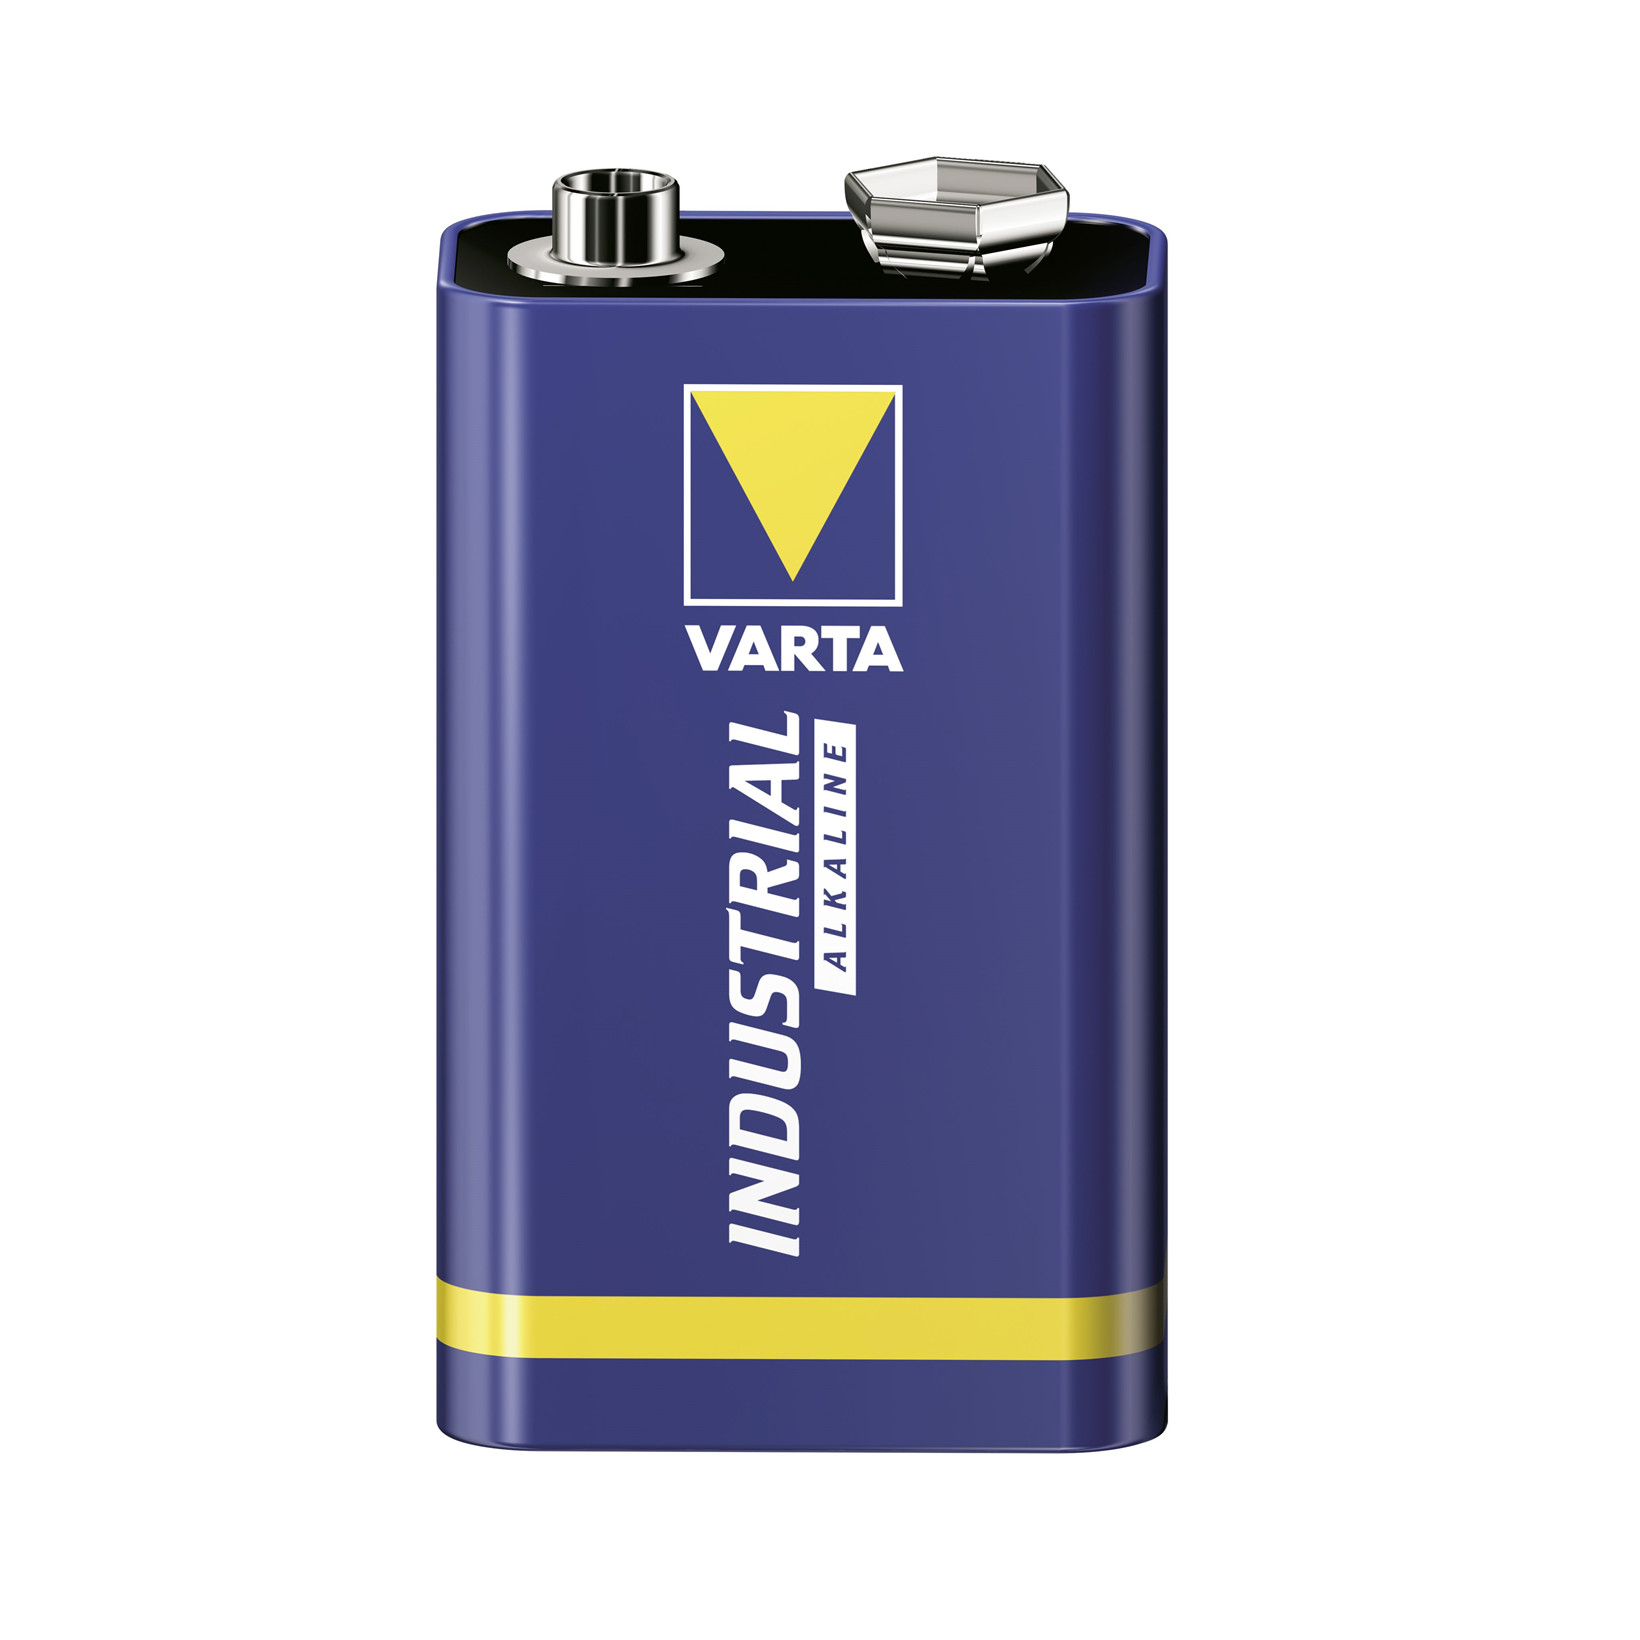 Batteri Varta Industrial 9V - 6LR61 1 stk. i pakken